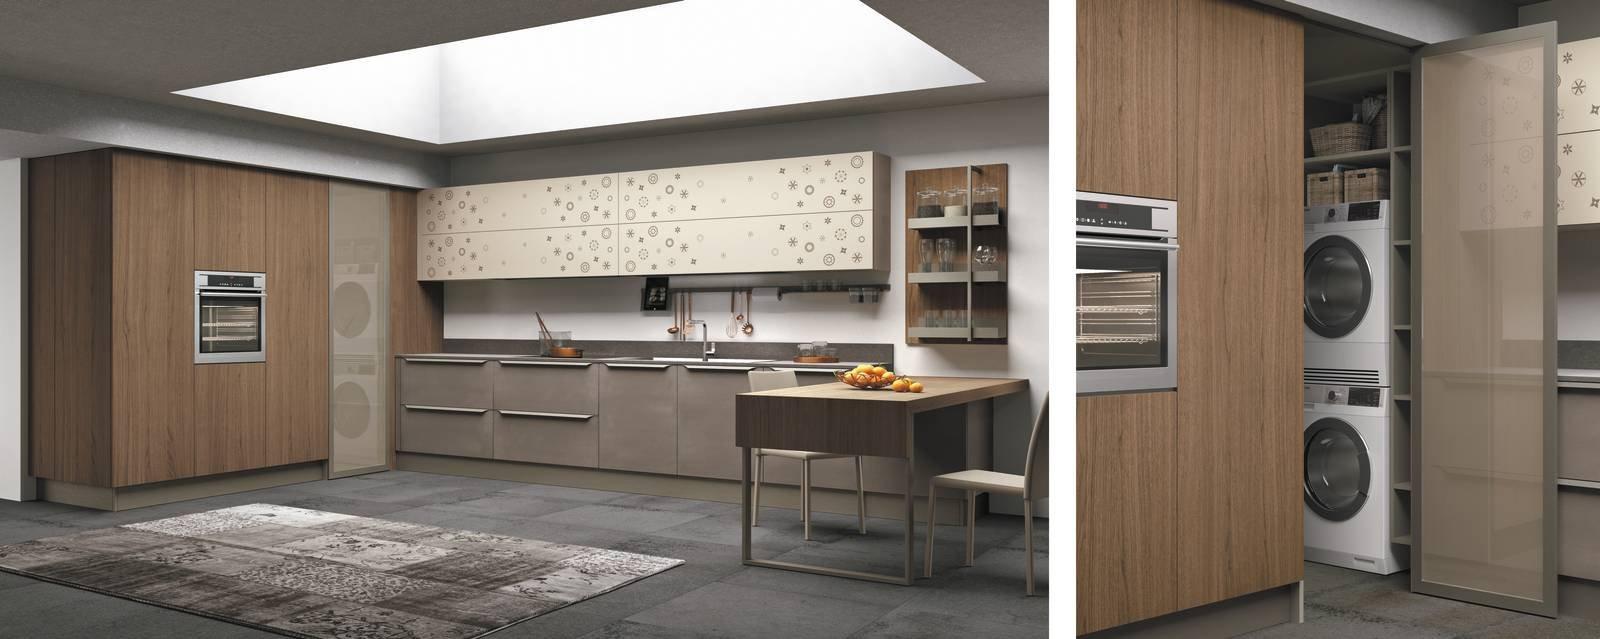 Dentro i mobili della cucina: spazio in più, facile da usare - Cose ...